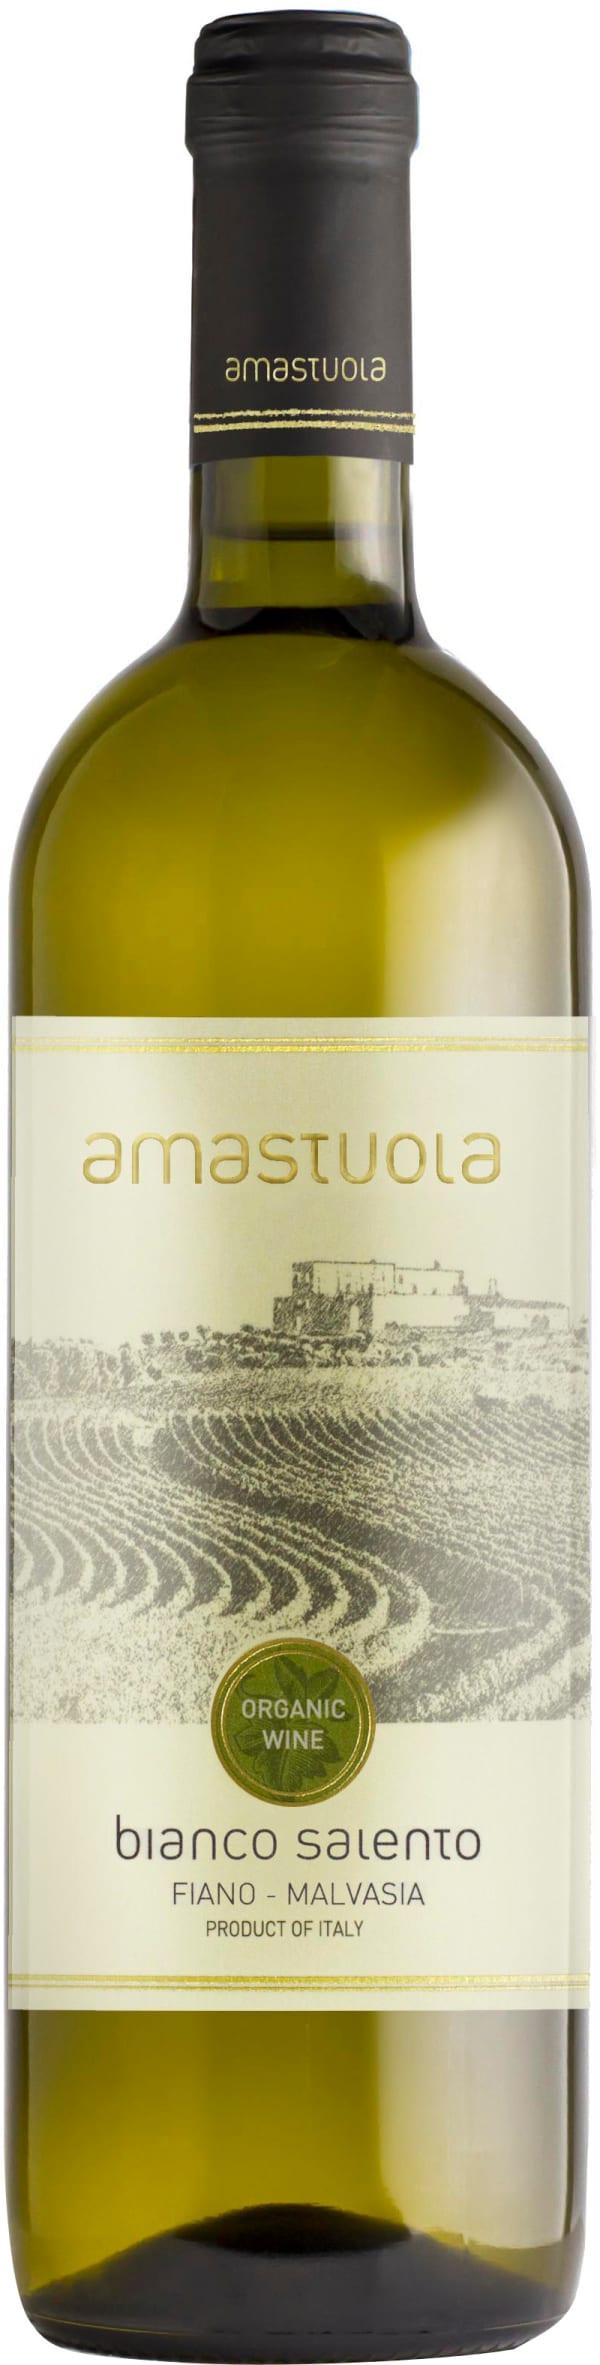 Amastuola Bianco Salento Organic 2018